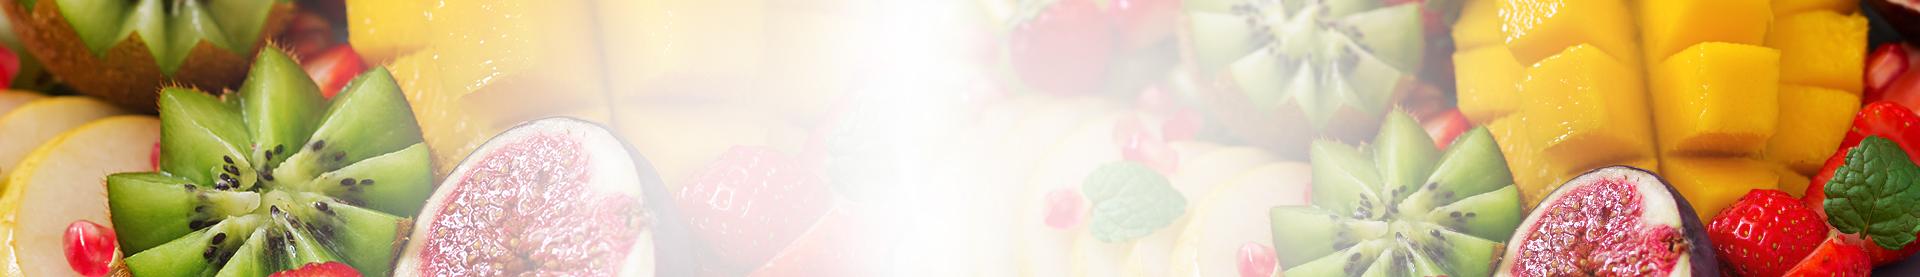 מגש פירות מעוצב לחג ראש השנה